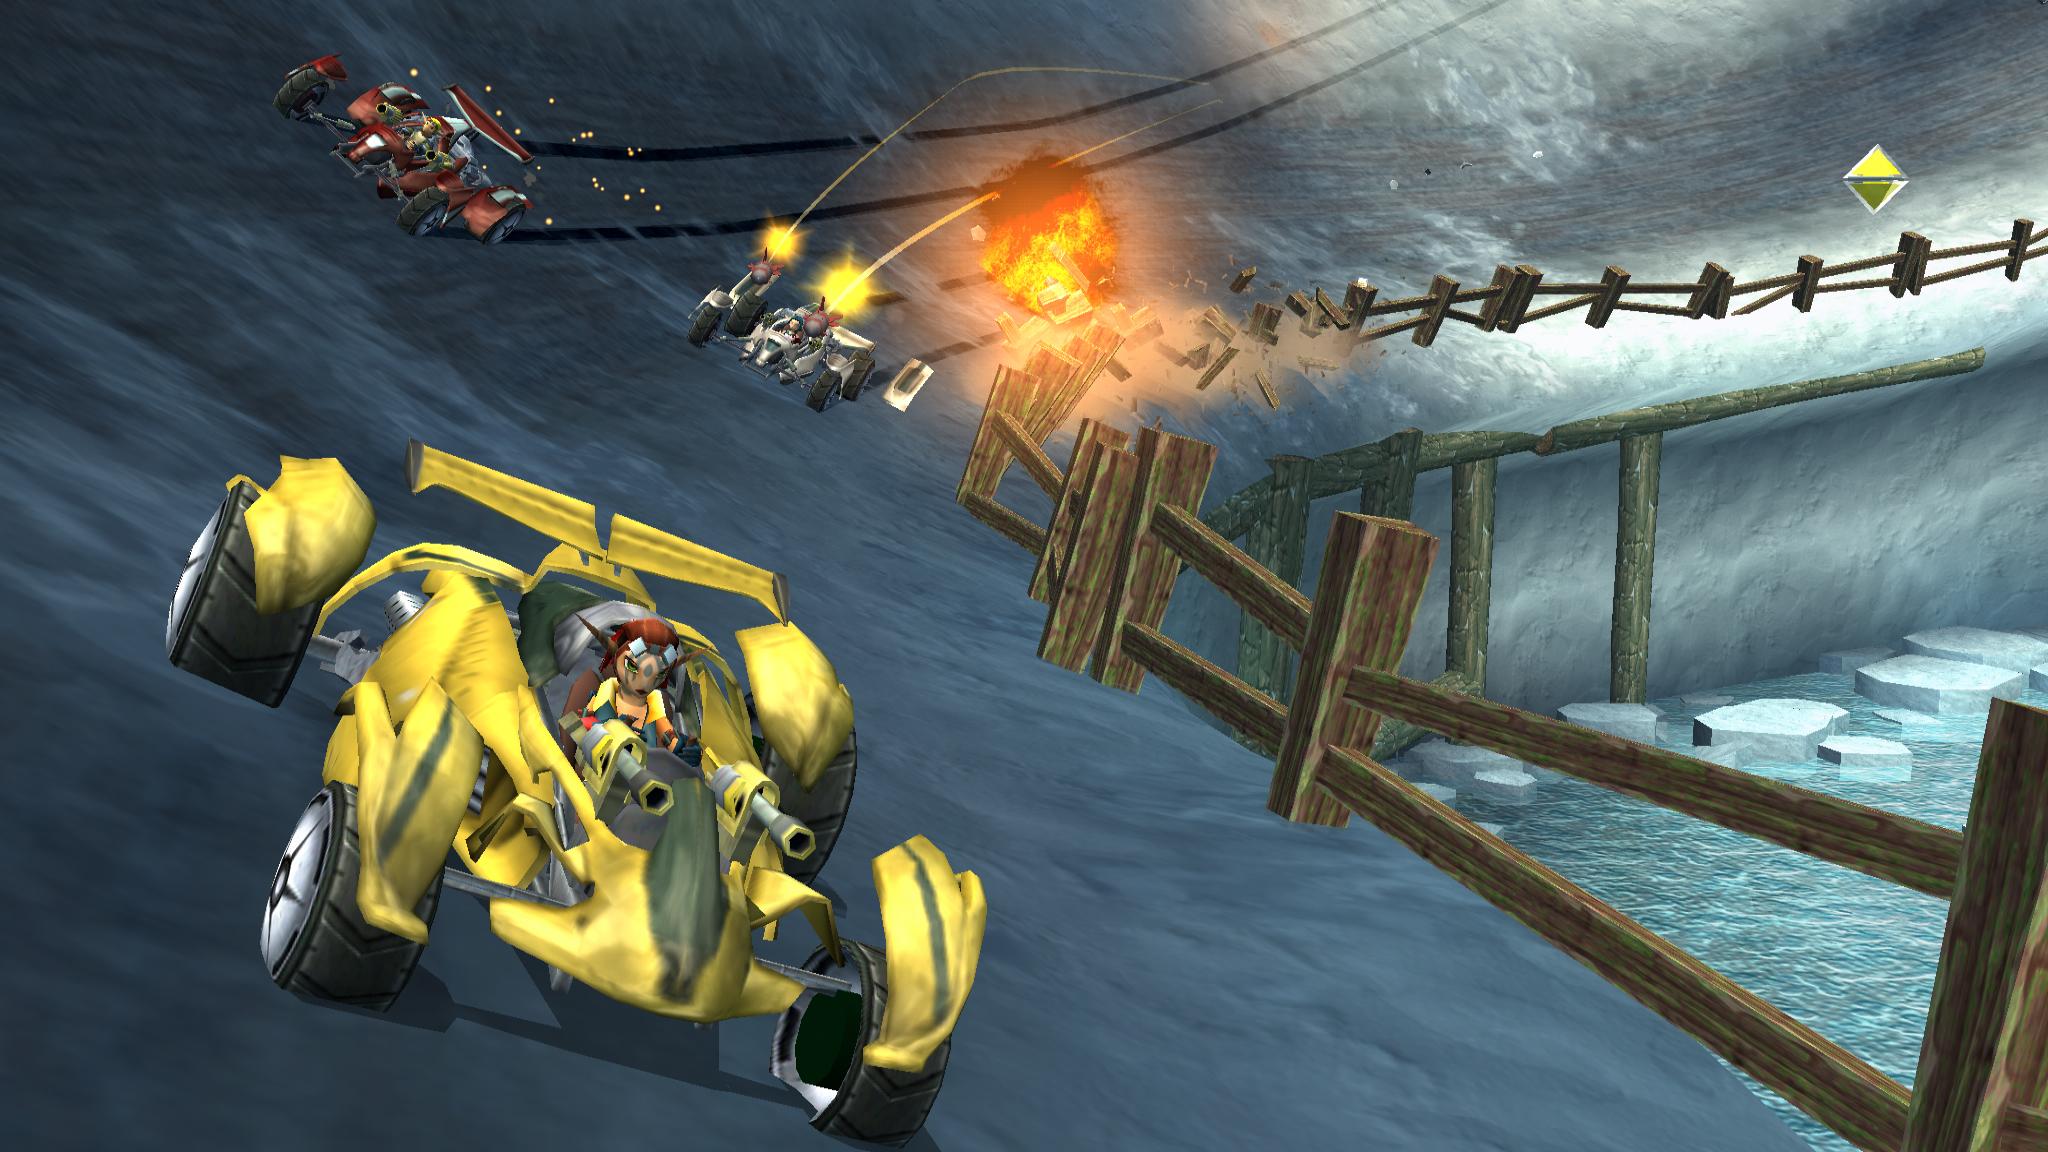 Combat racing